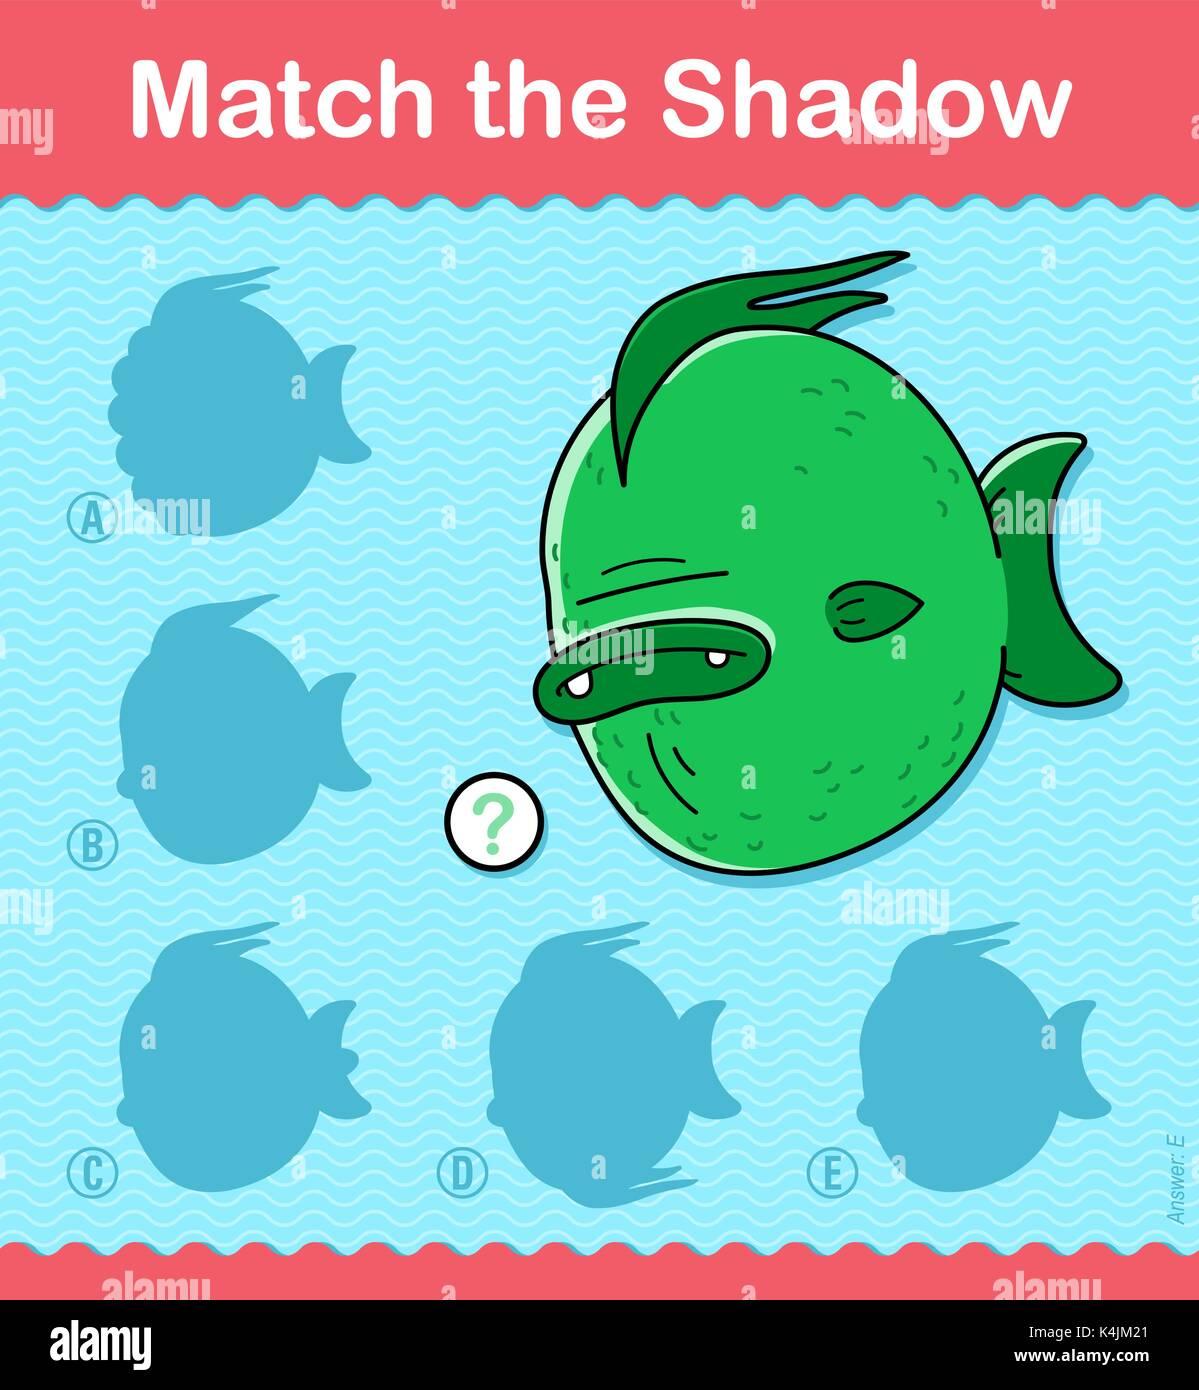 Ordnen Sie die Schatten Kinder pädagogische puzzle Spiel mit bunten ...